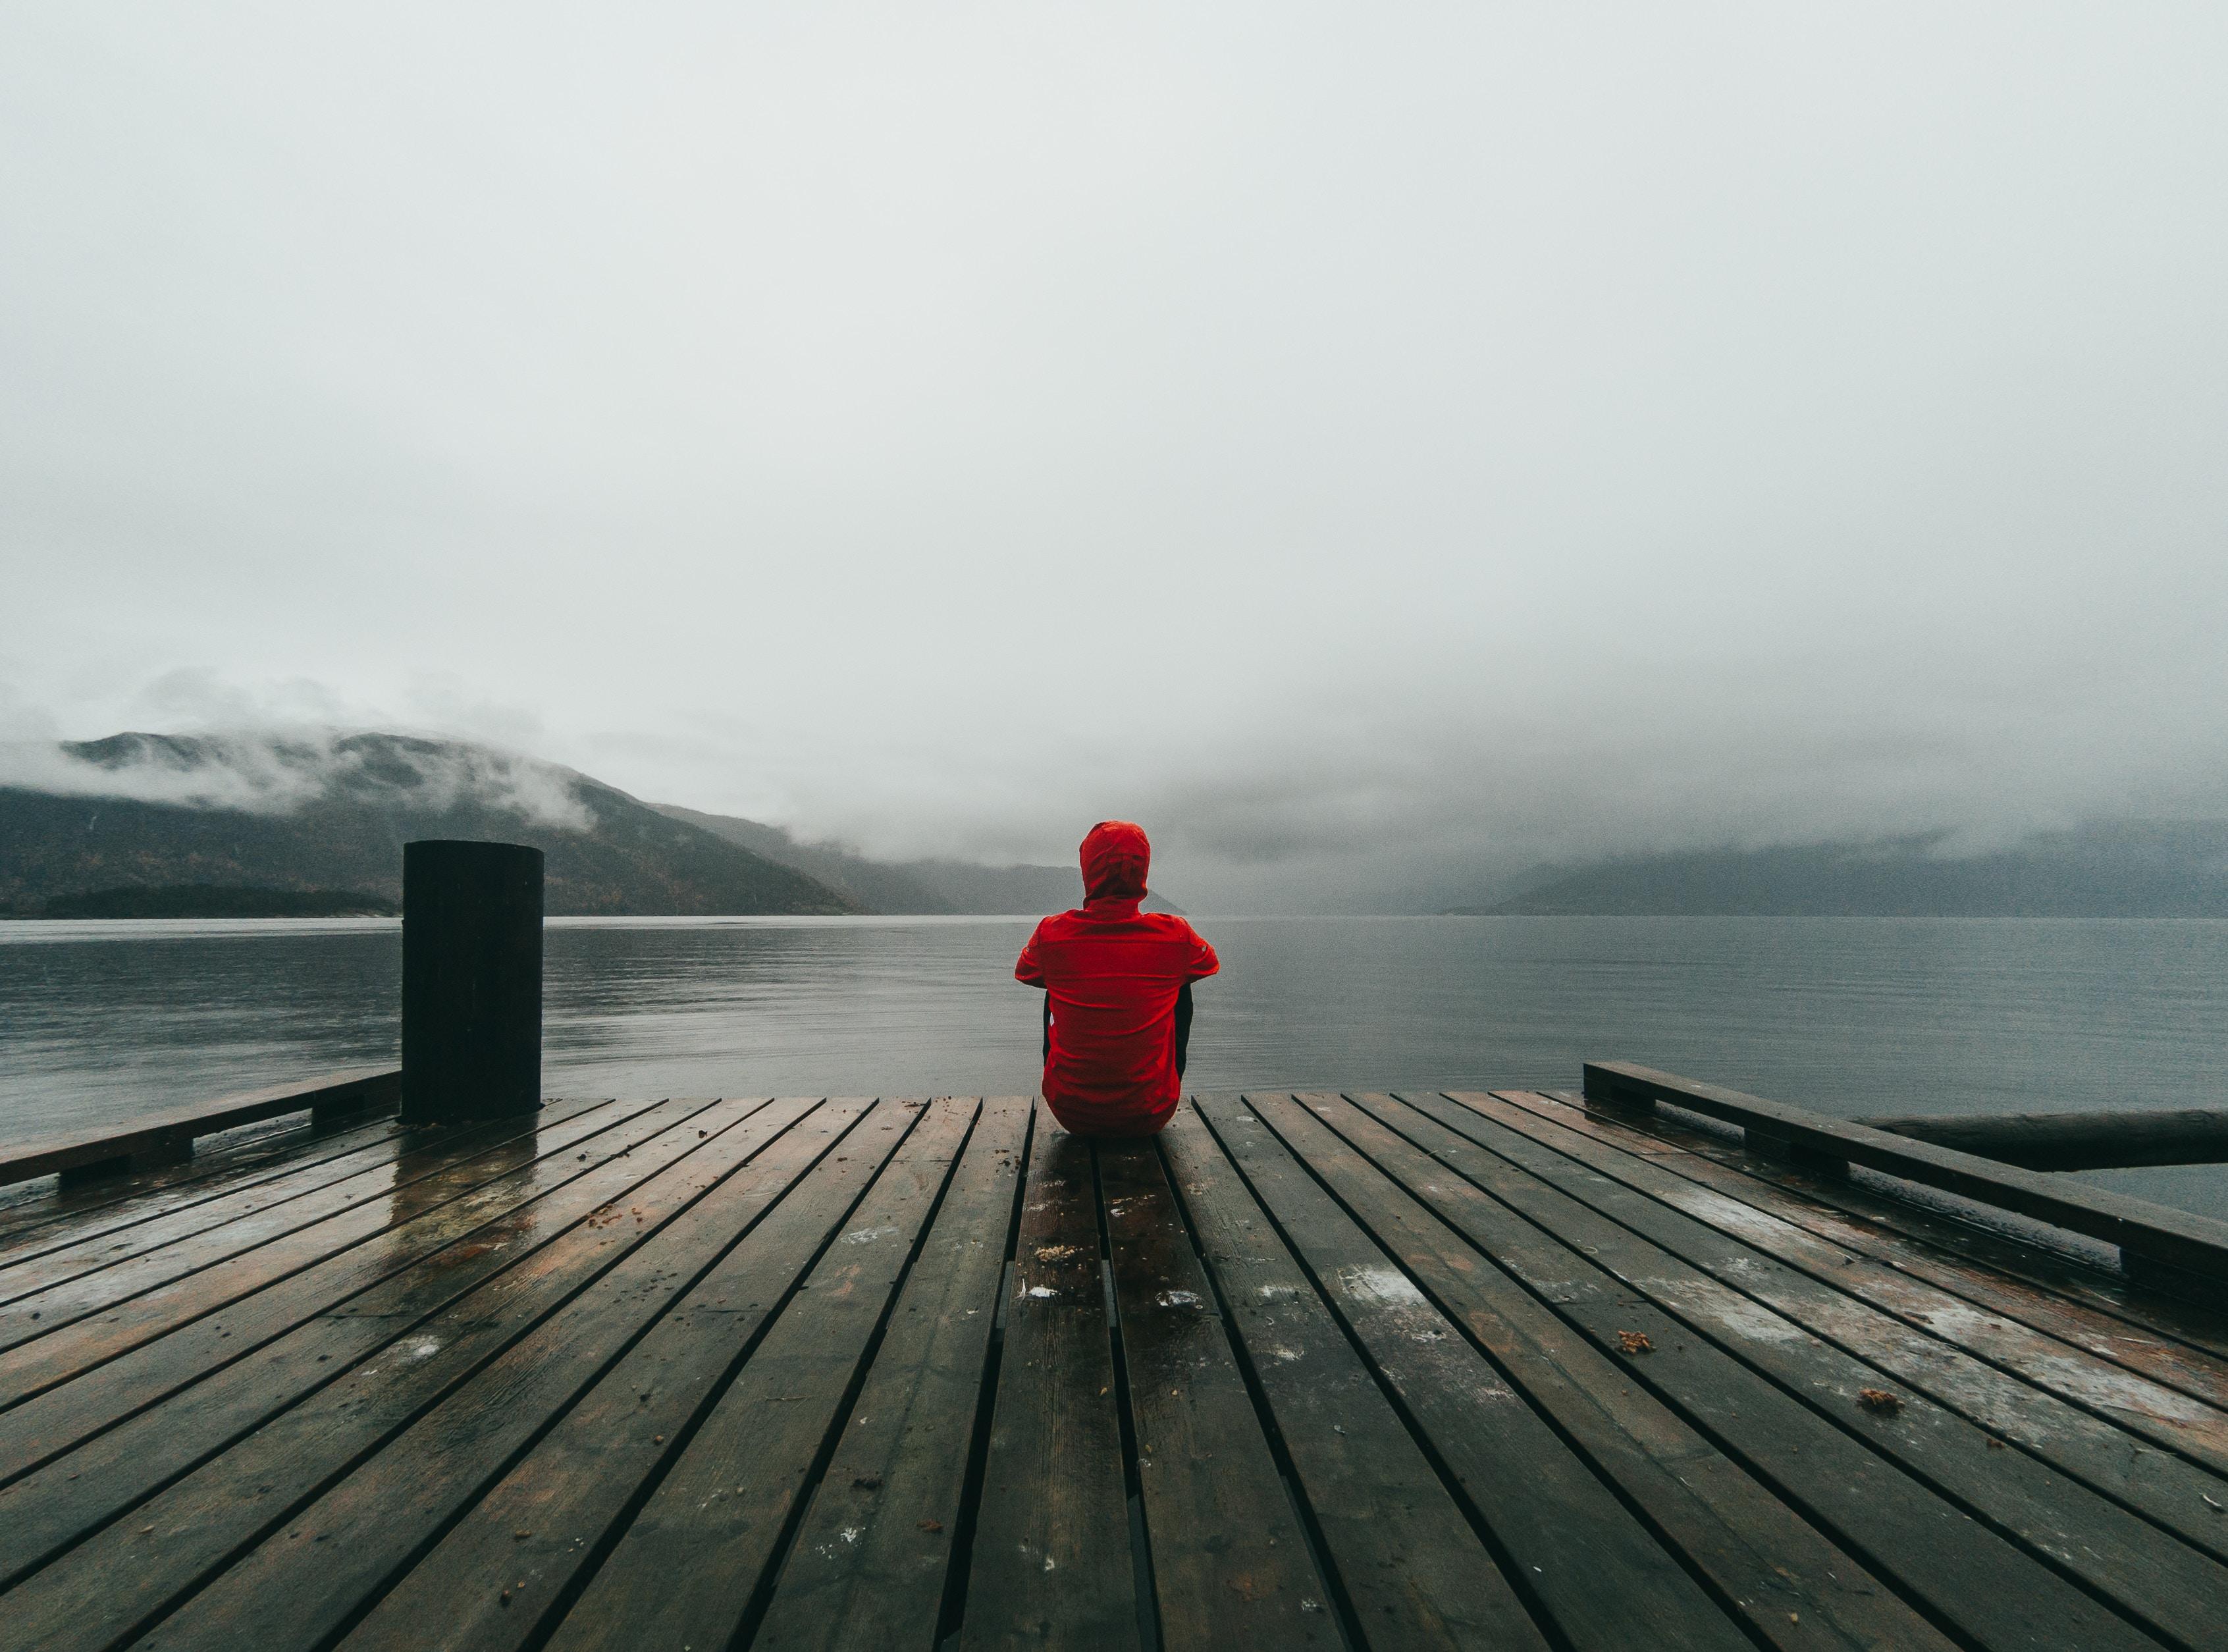 Pensamientos - Emociones - Acciones - Hábitos - Resultados